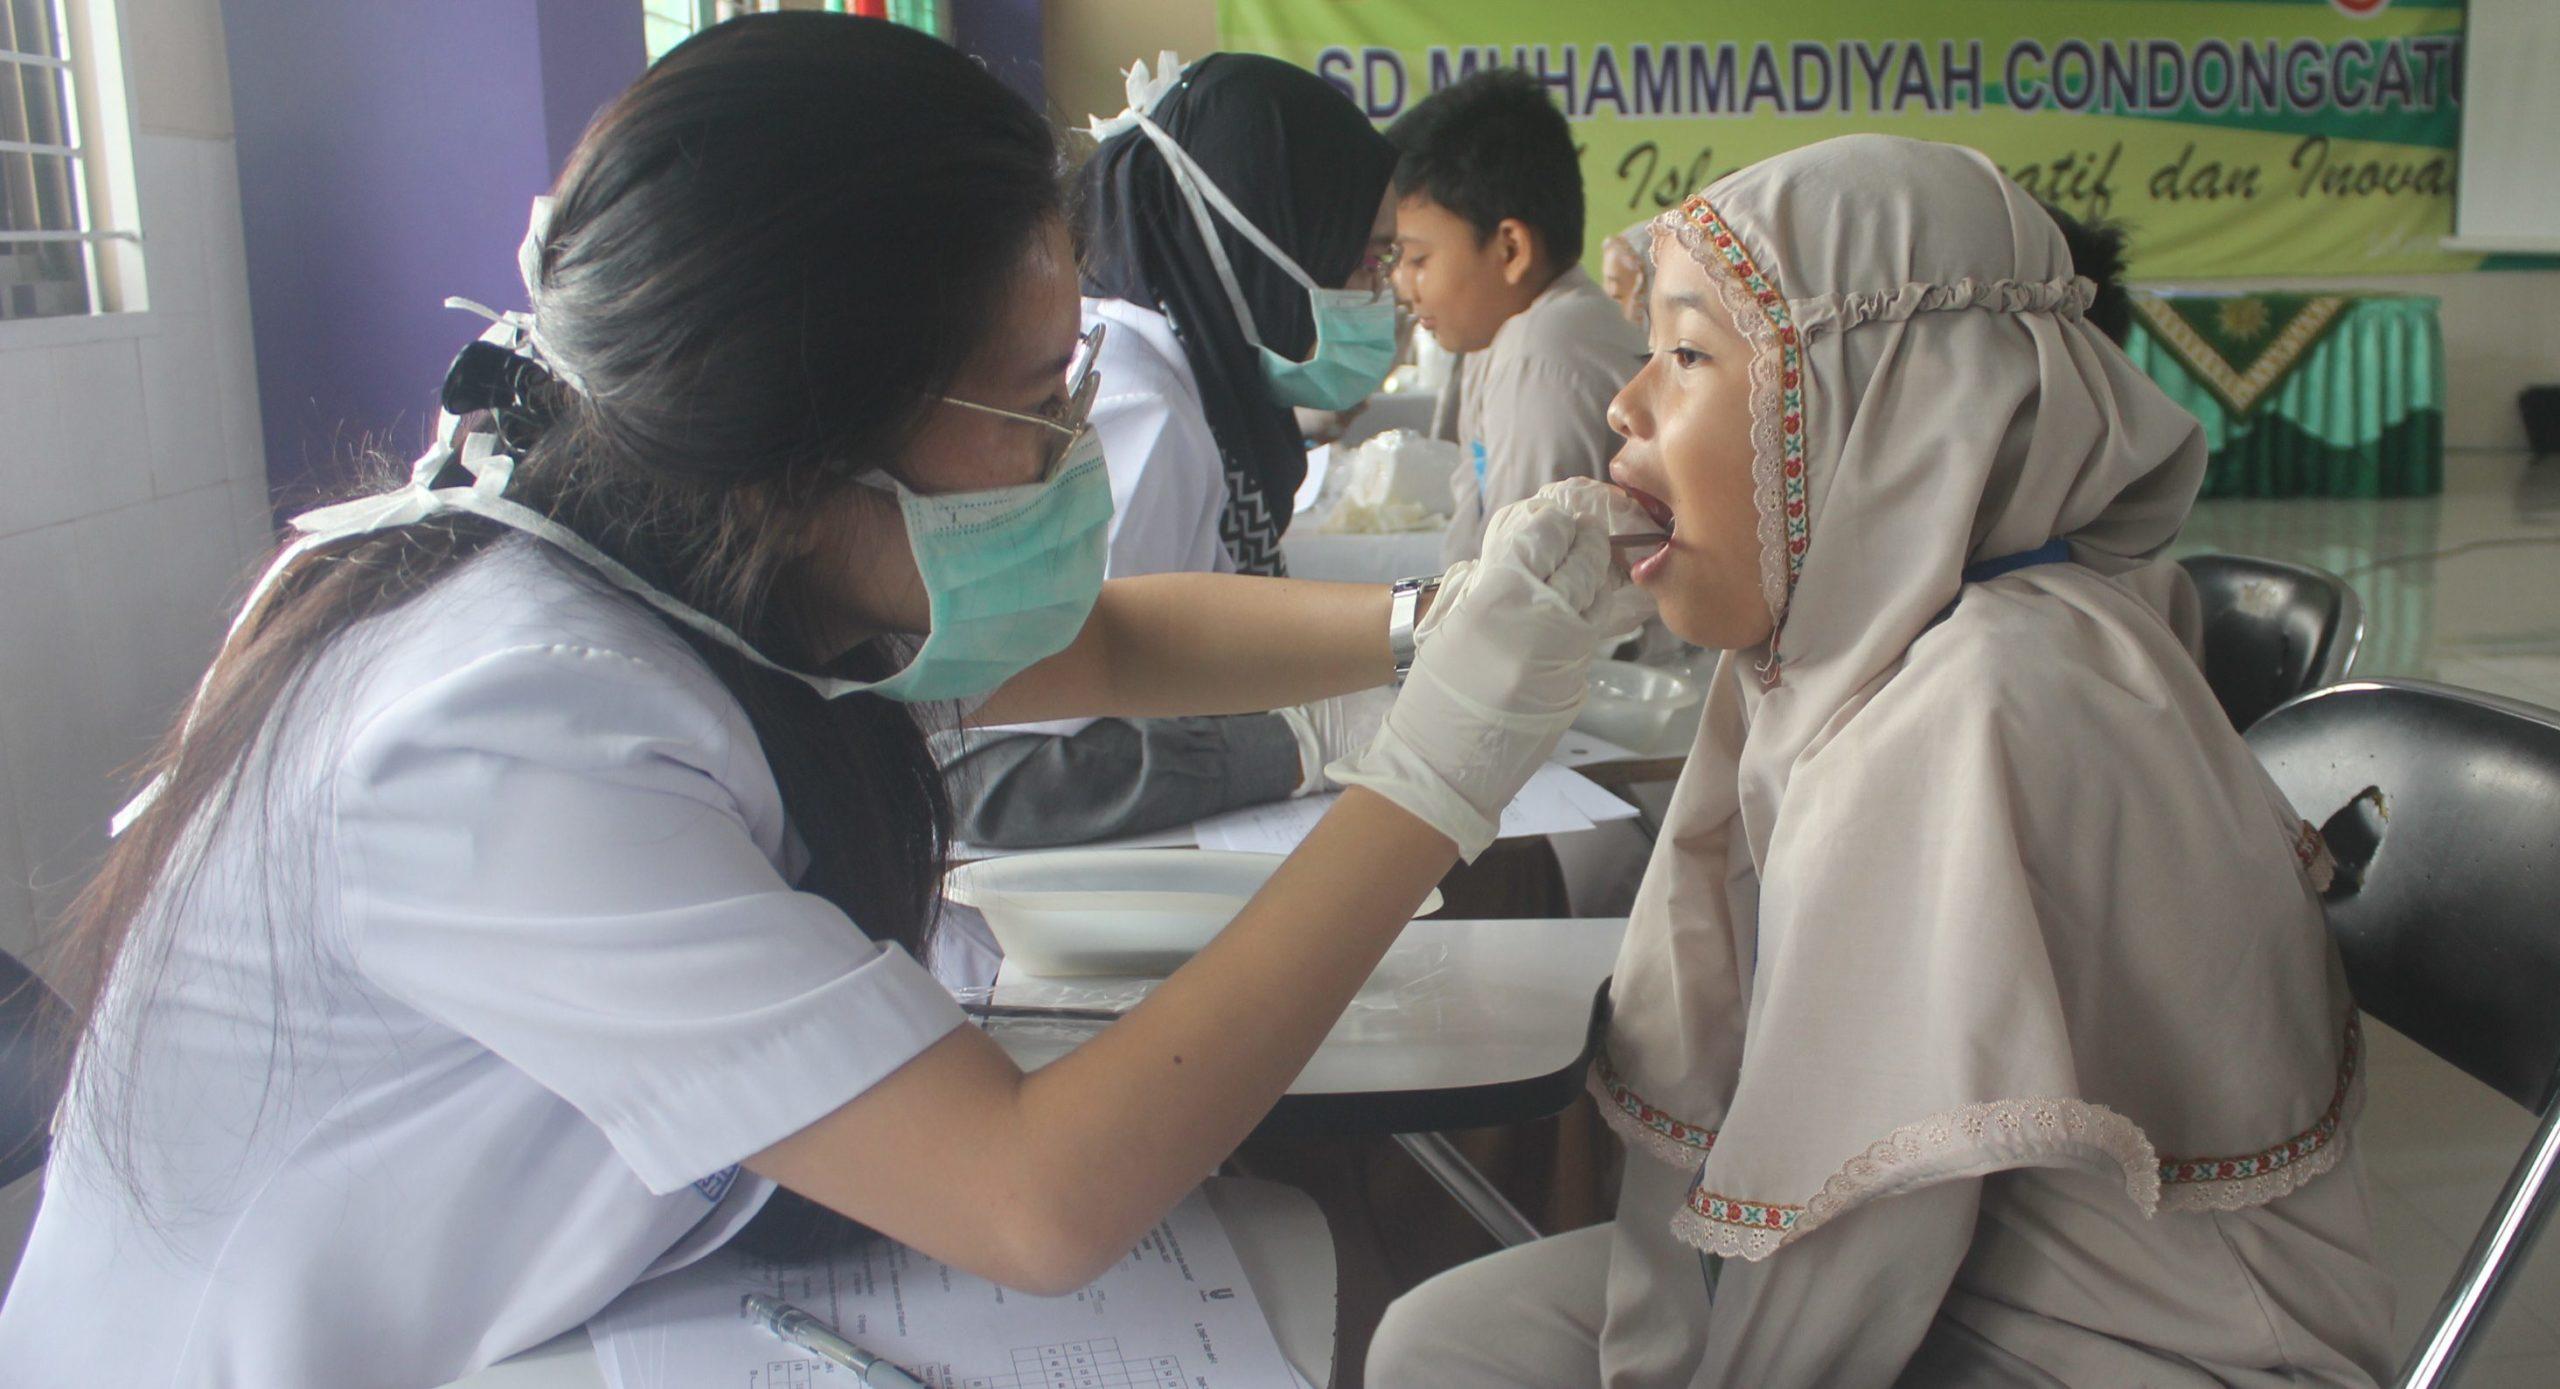 200 Siswa SD Muhammadiyah Condongcatur Ikuti Pemeriksaan Kesehatan Gigi dan Mulut